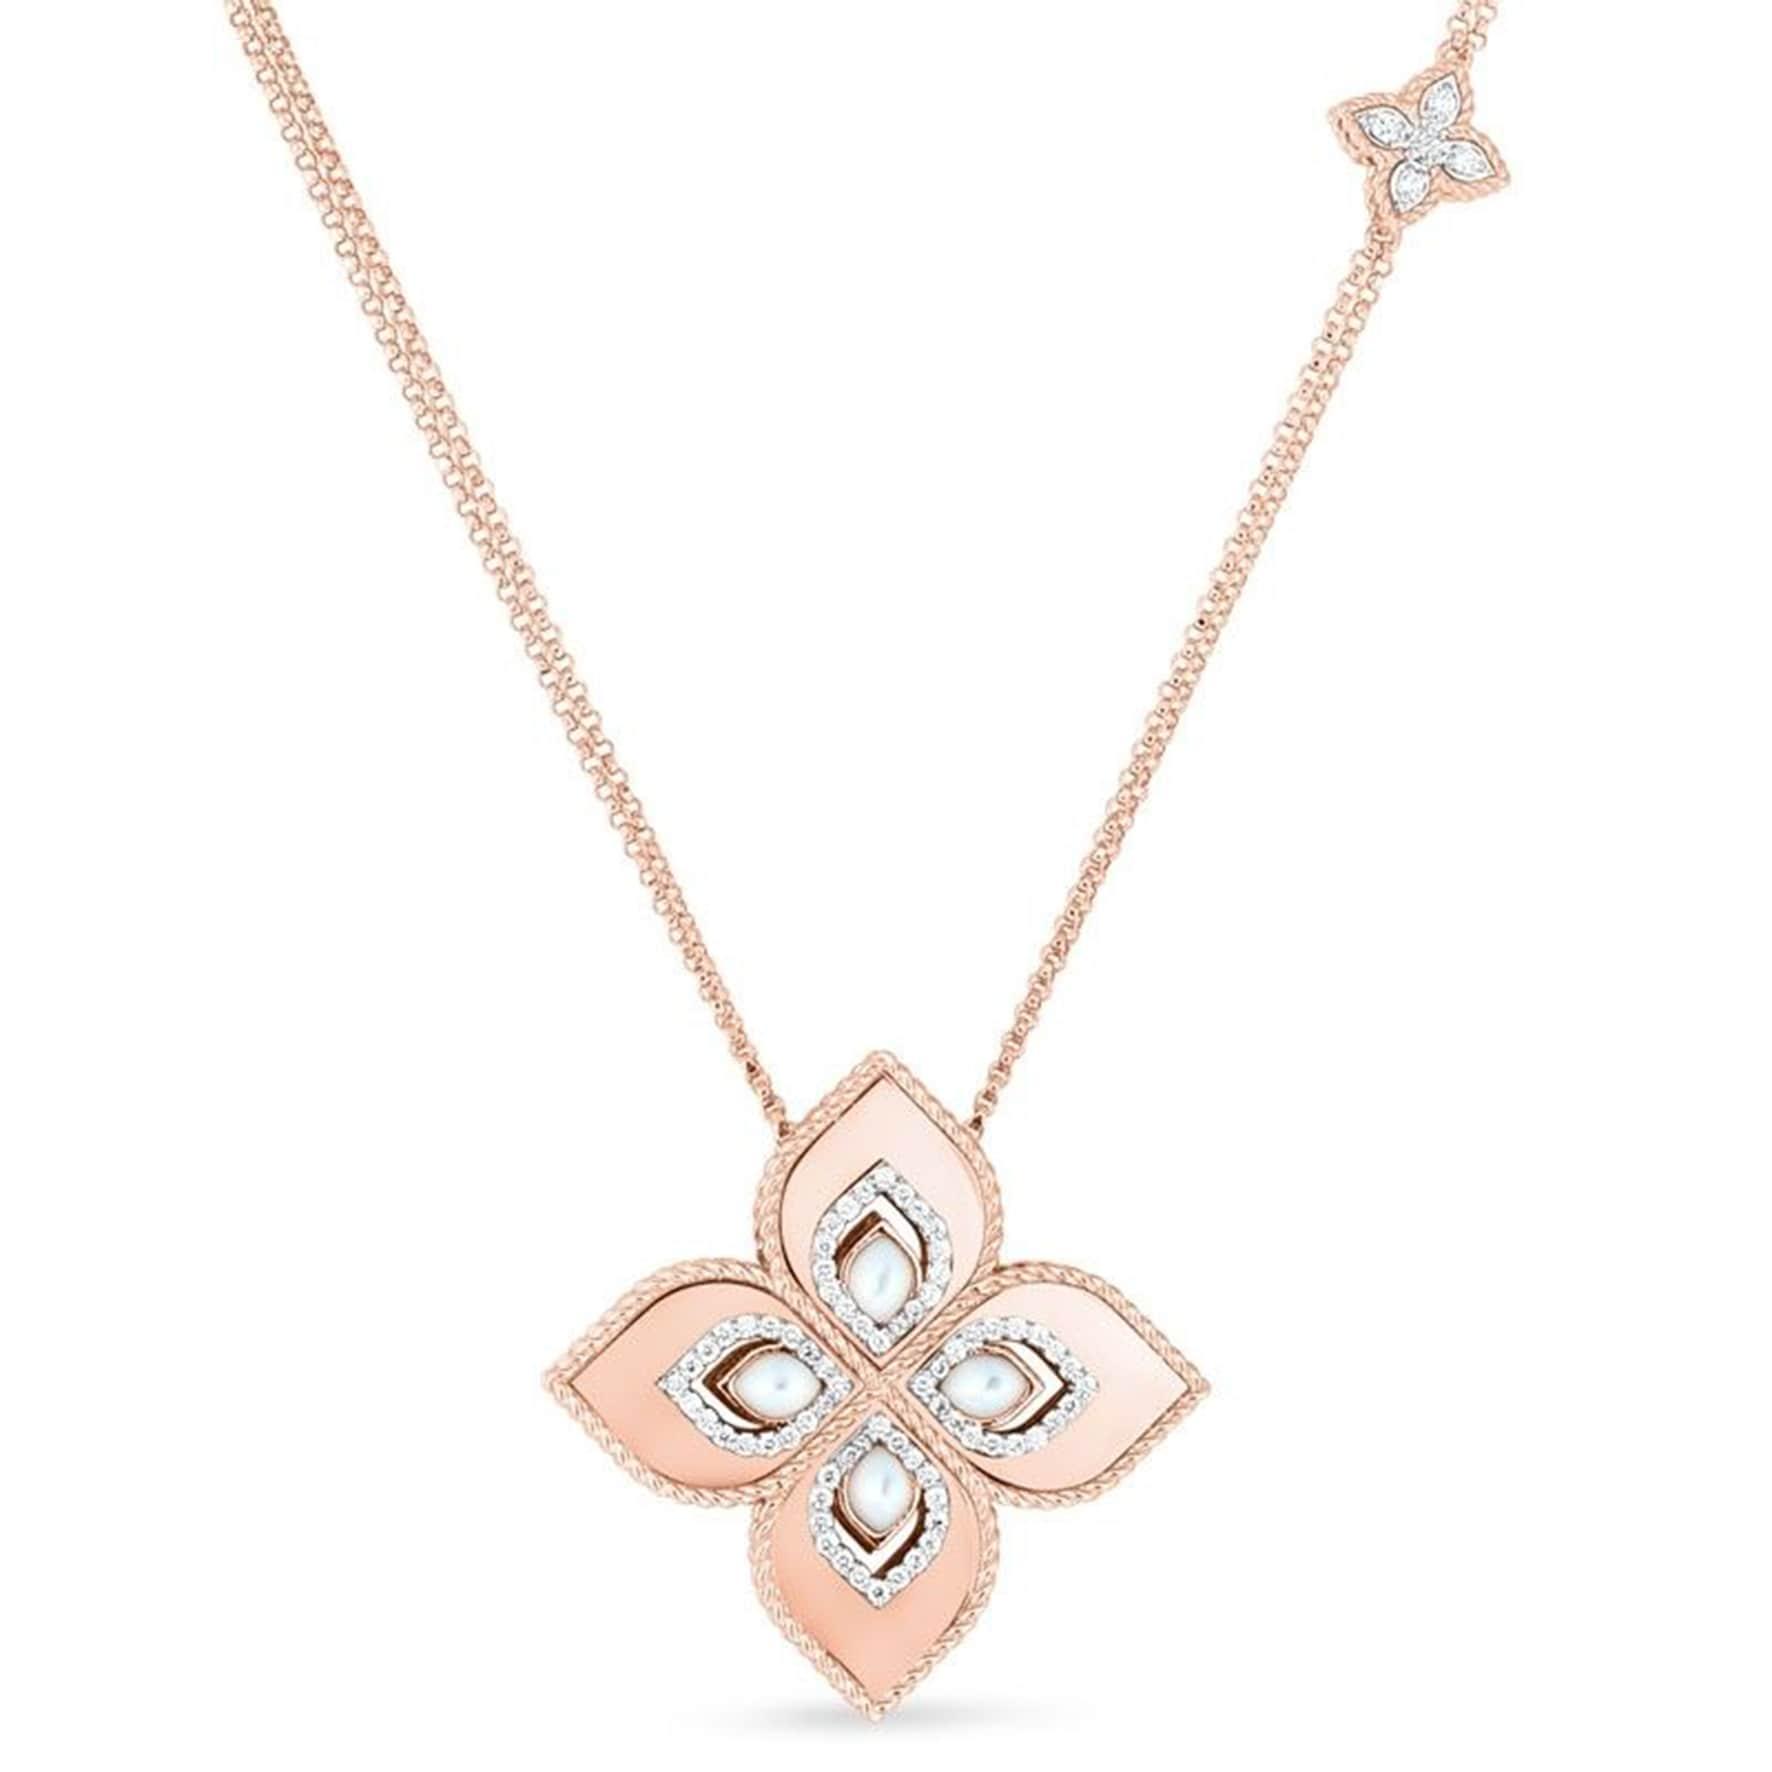 Pendente Princess Flower in oro rosa, con madreperla cabochon e diamanti, ROBERTO COIN (8.400 €).